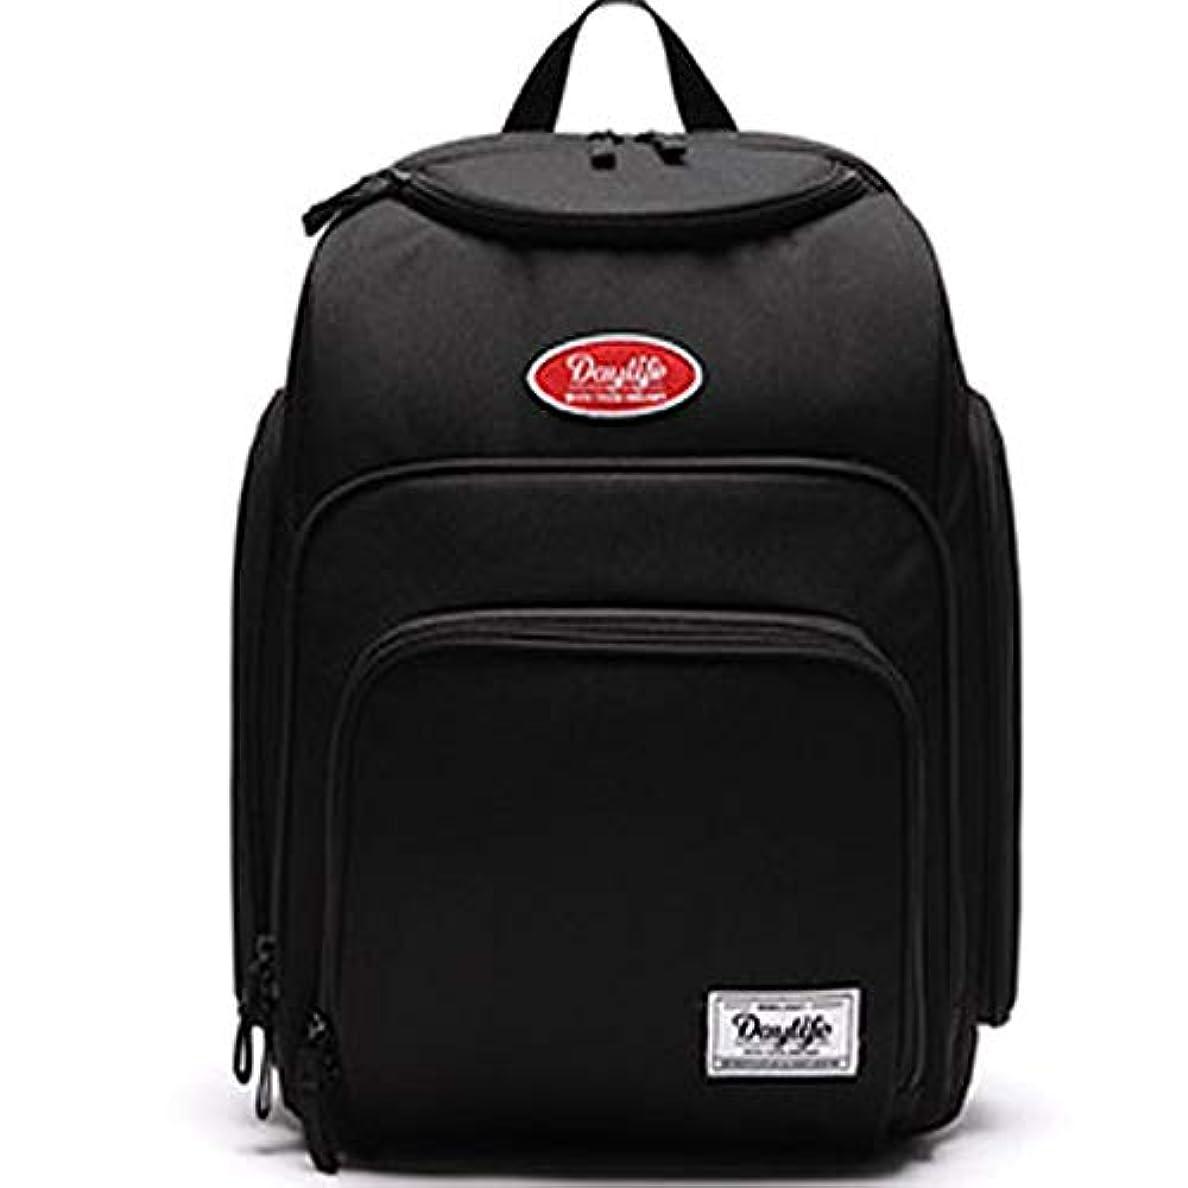 愛情熟練したサーバdaylife ディライフ バックパック DAYLIFE STUDY BACKPACK ブラック メンズ レディース 韓国 人気ブランド